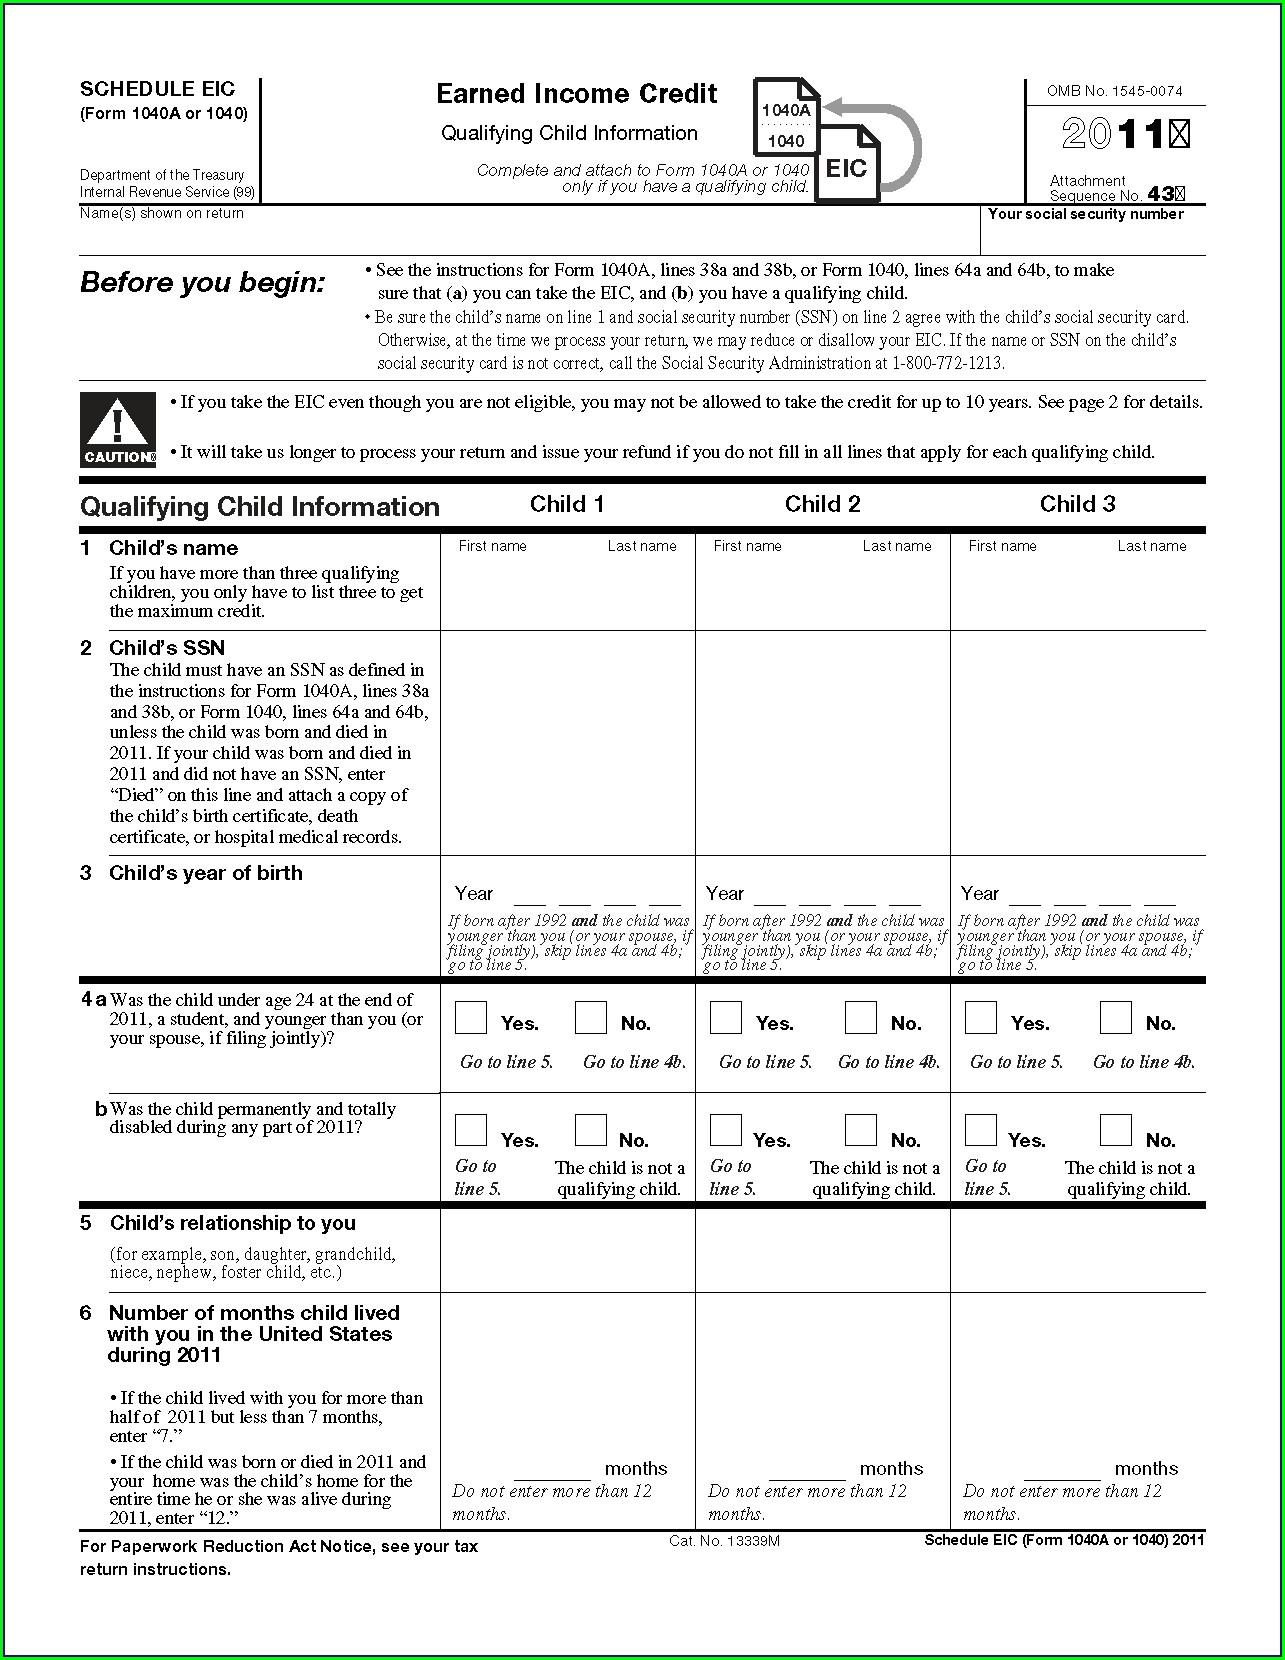 Earned Income Credit Worksheet 2011 Form